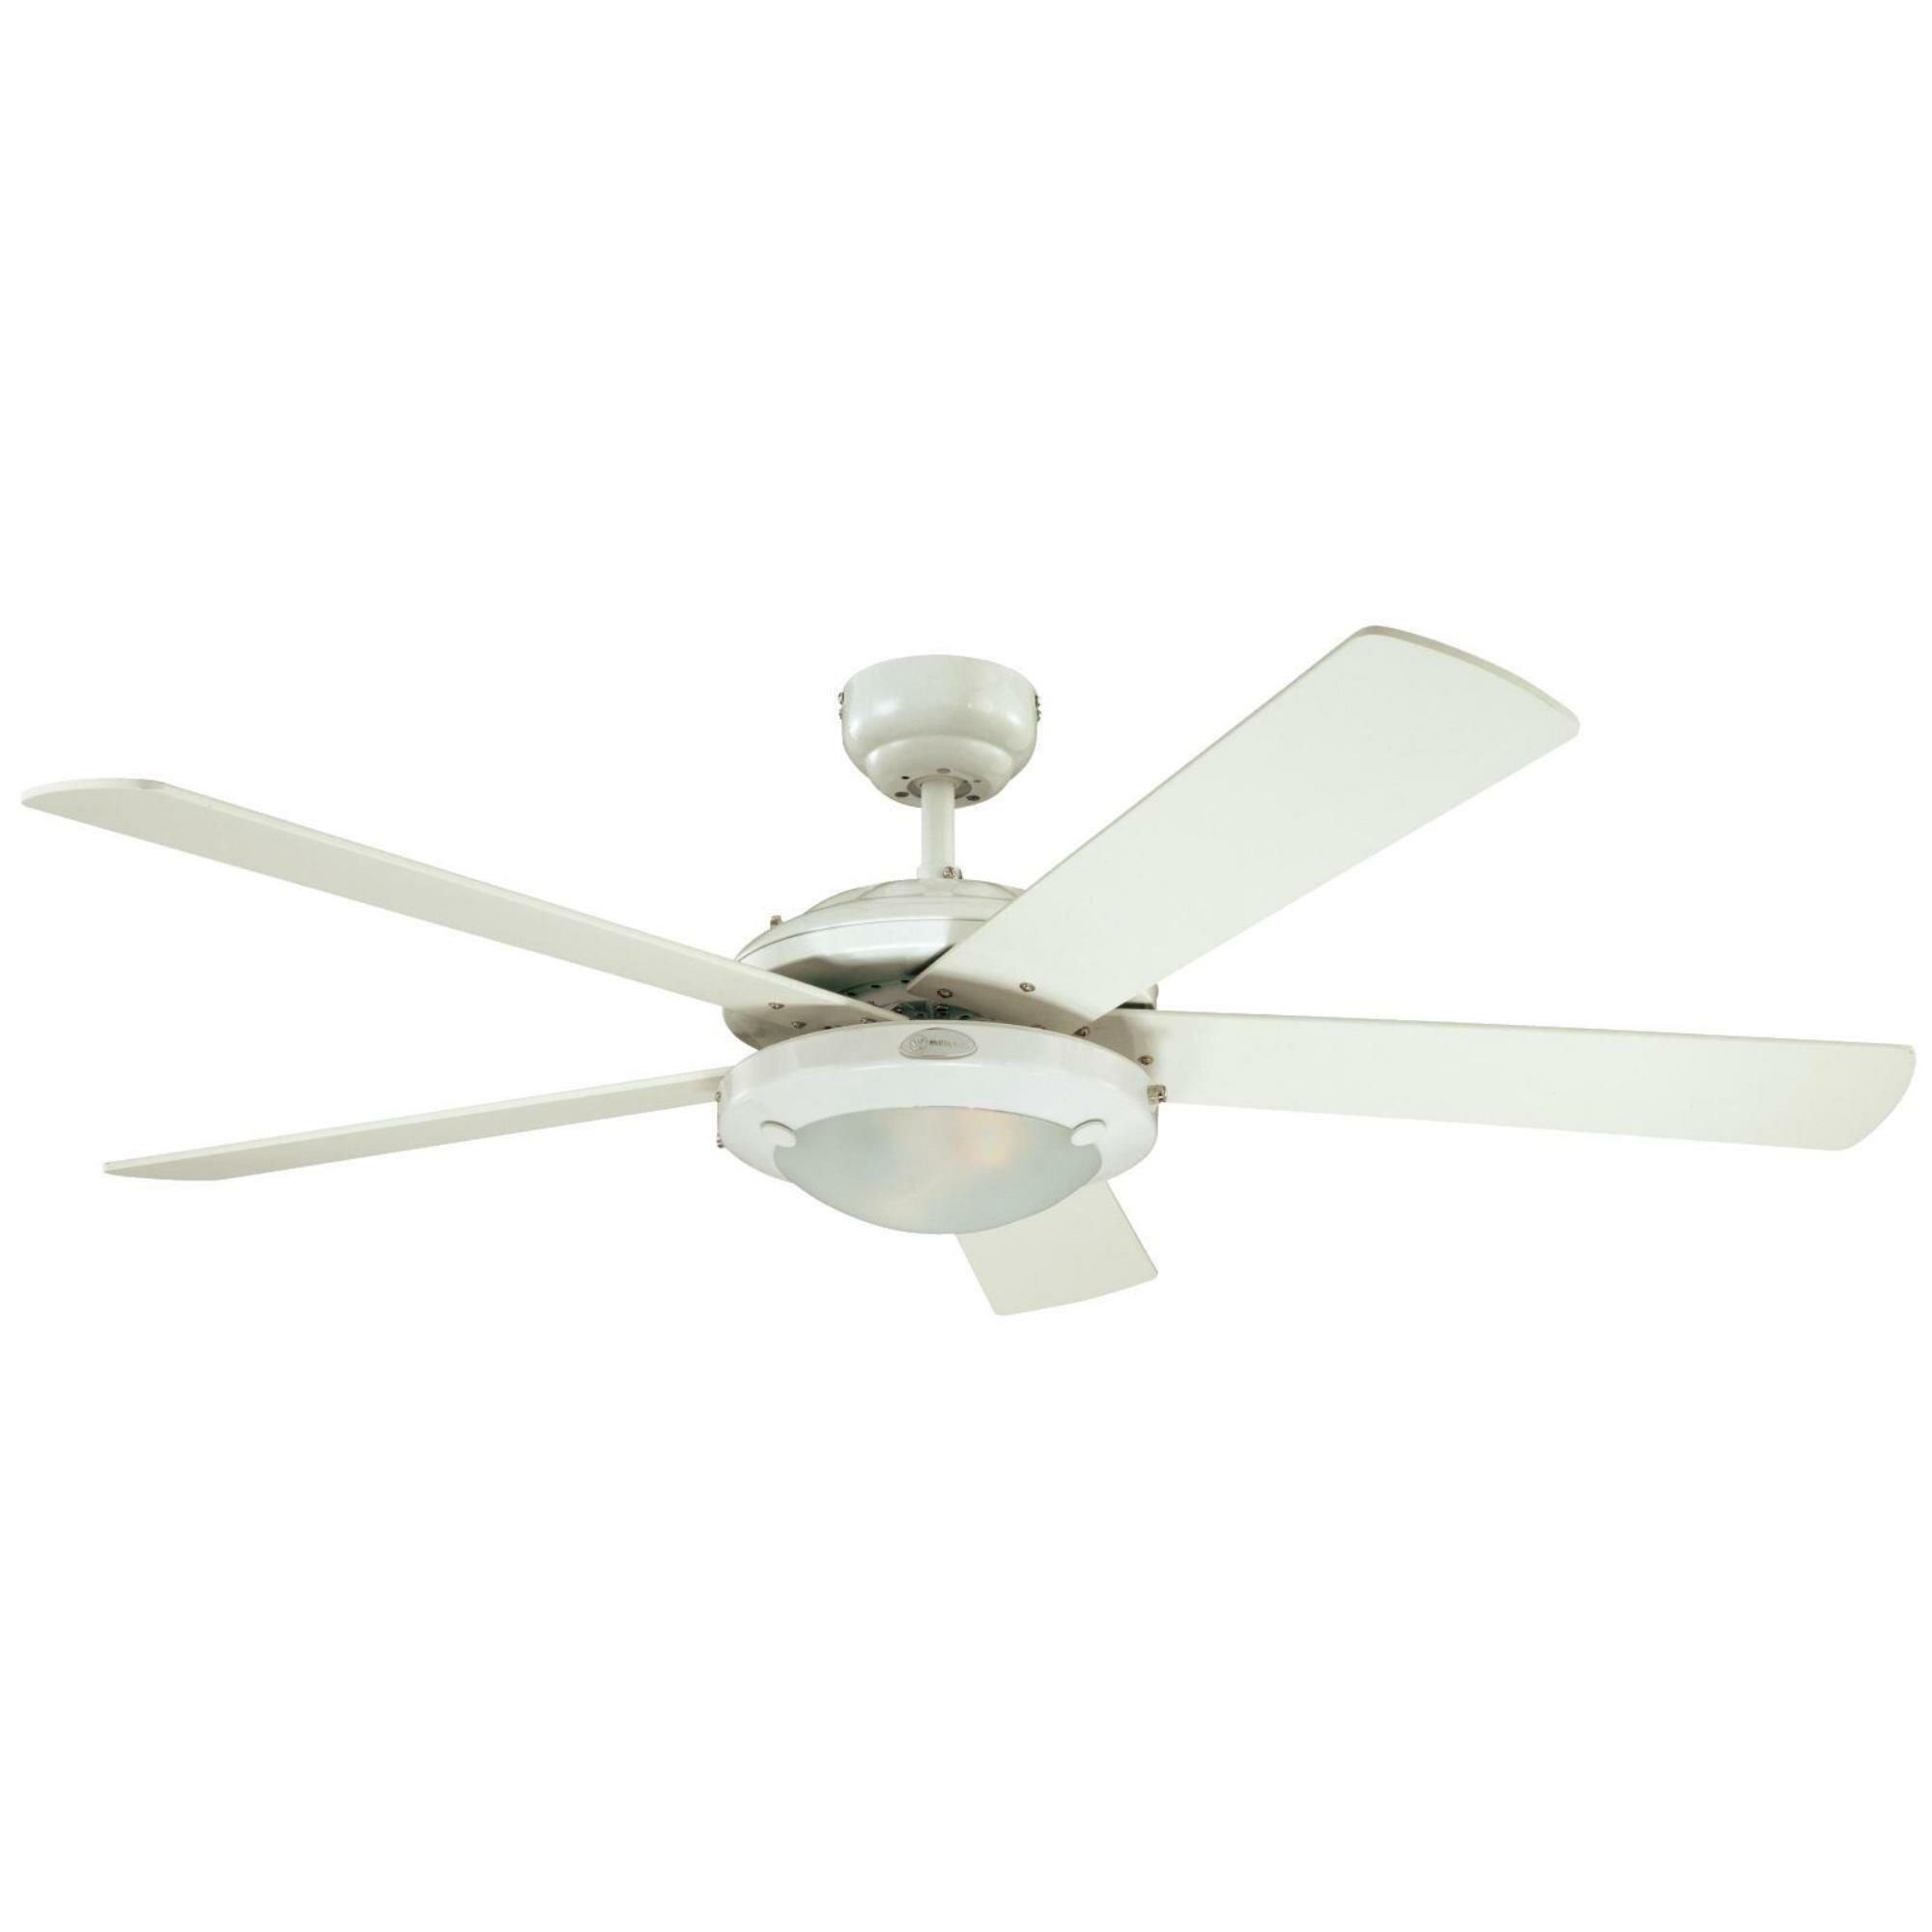 52 Creslow 5 Blade Ceiling Fan Light